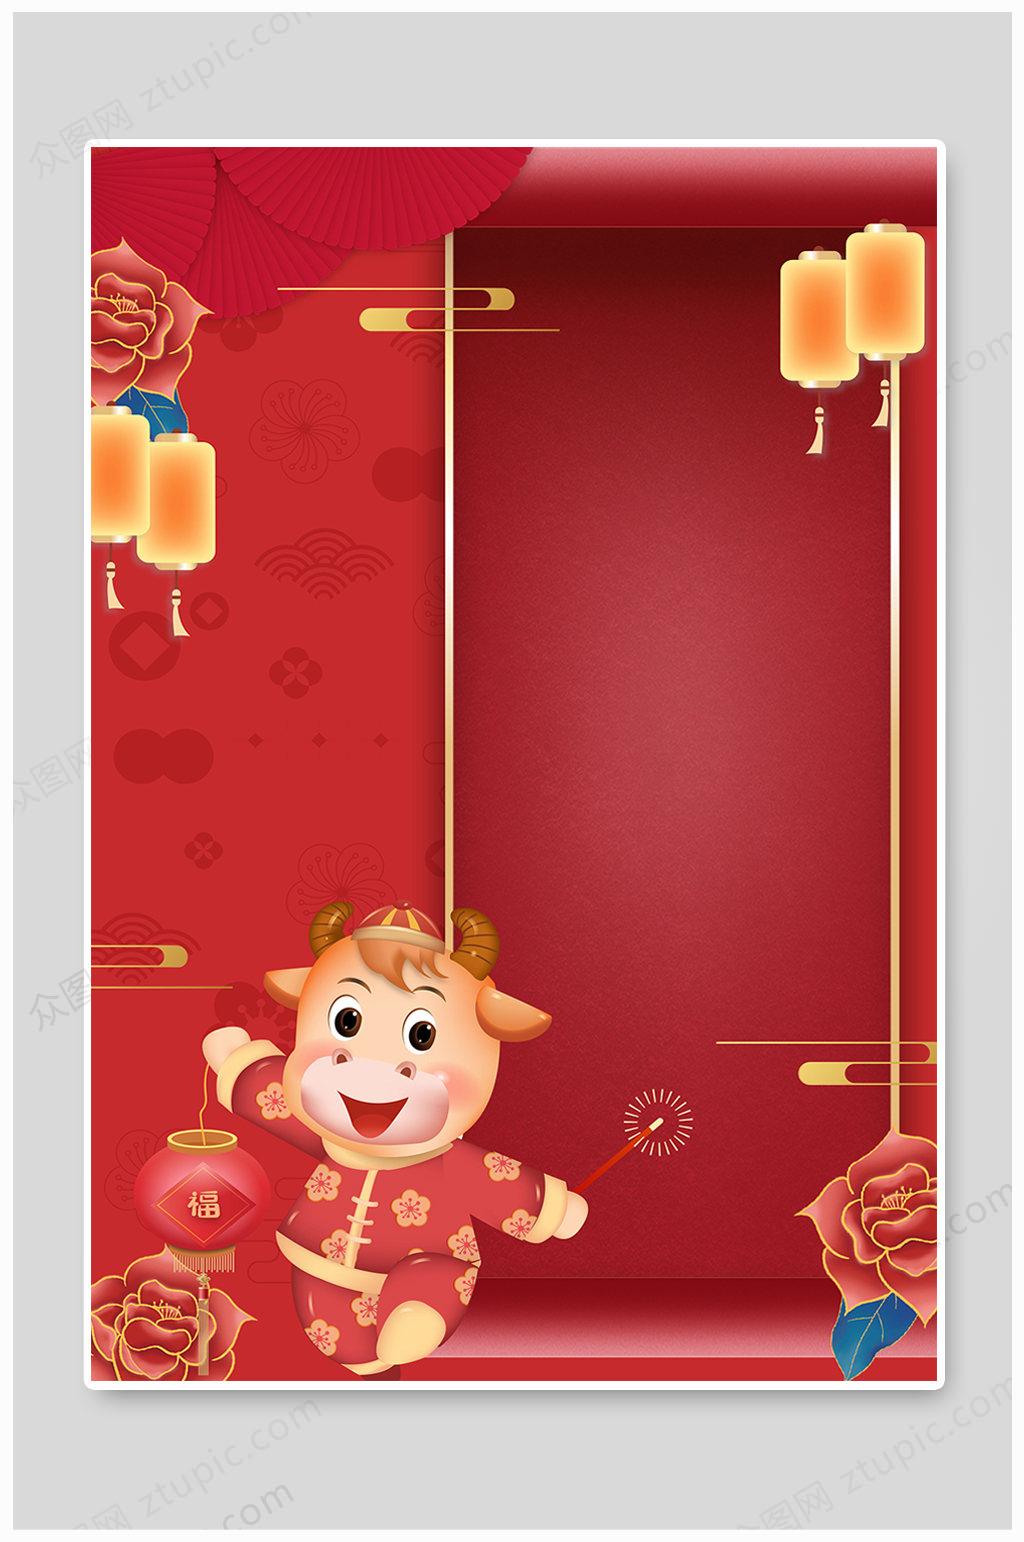 春节节日小报素材_2021牛年海报背景设计-免抠背景素材下载-众图网